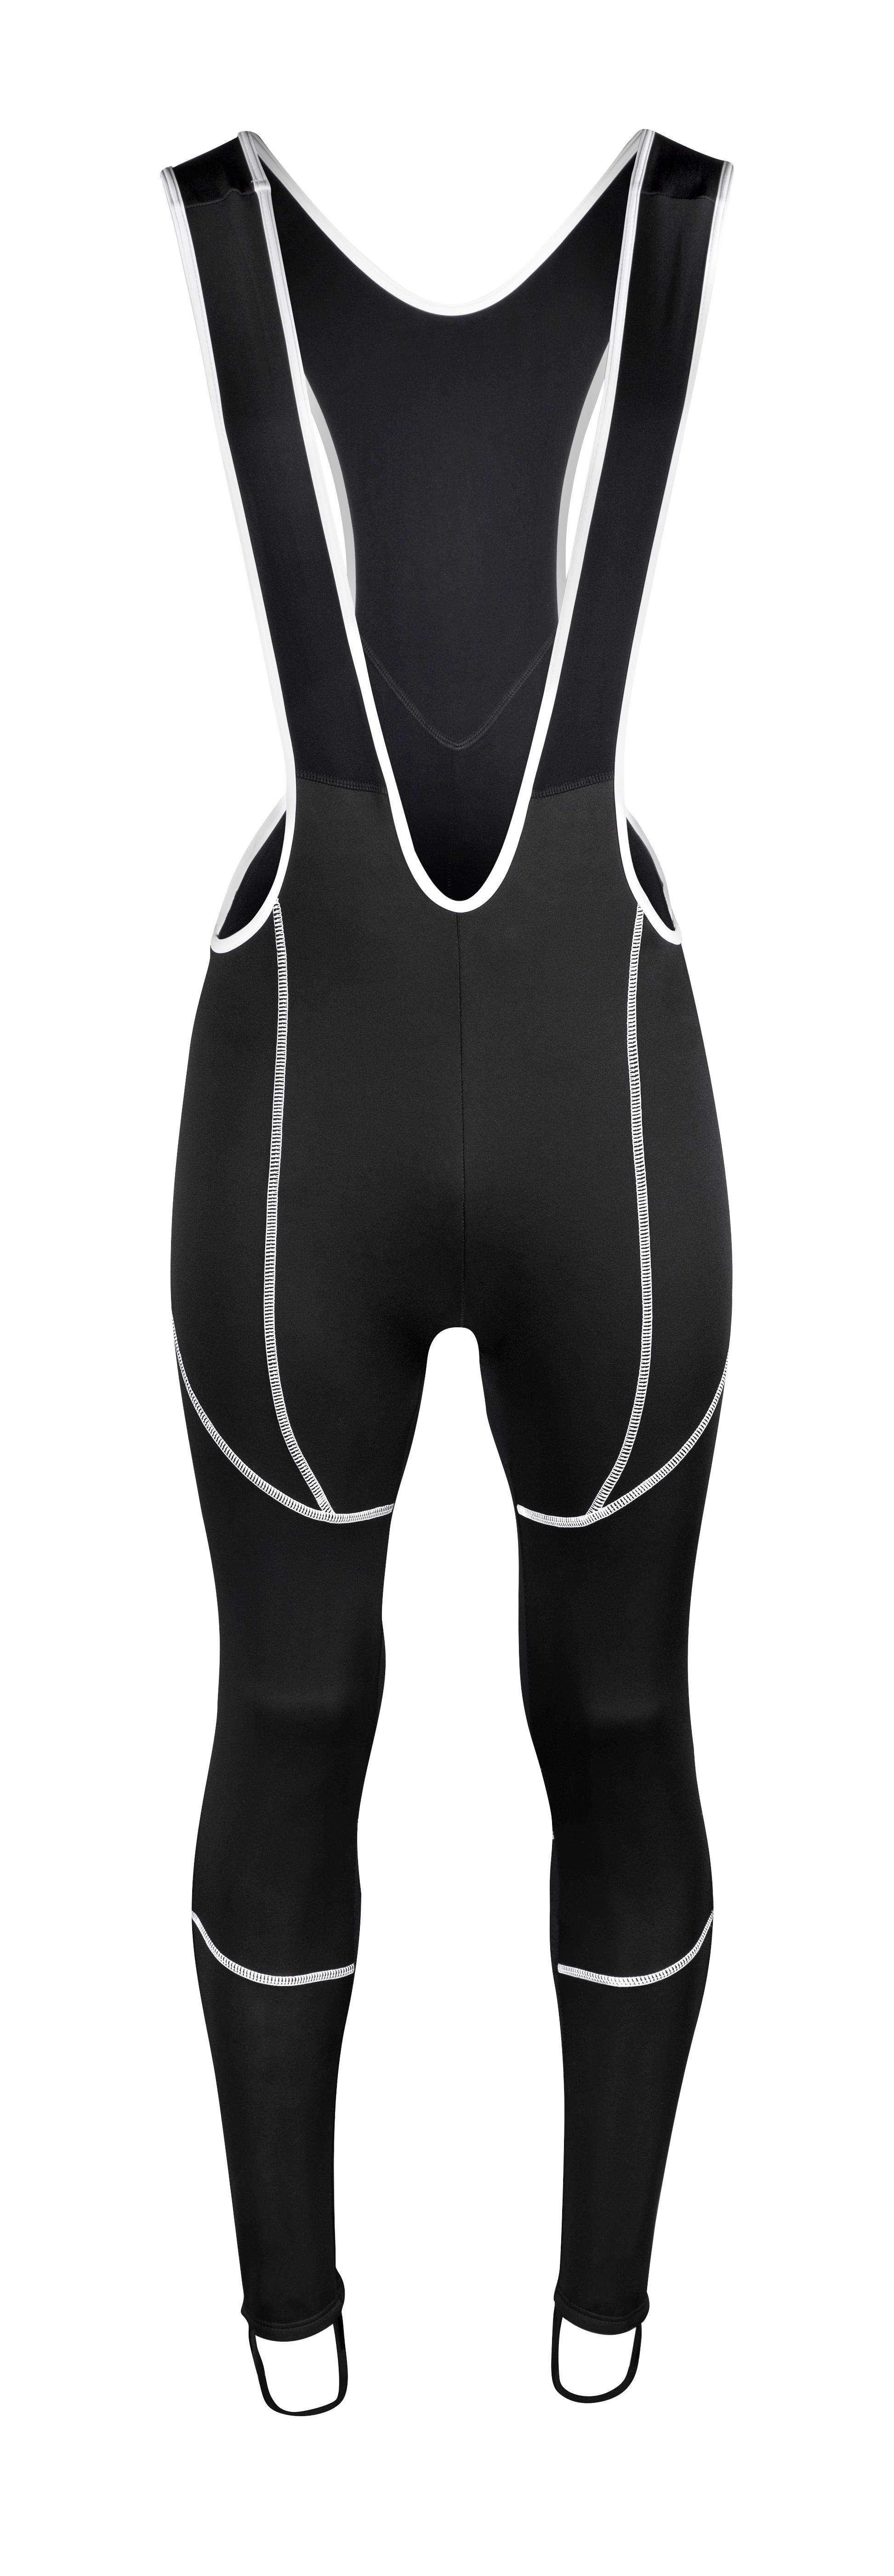 kalhoty FORCE Z70 SOFTSHELL se šráky bez vložky, črn M